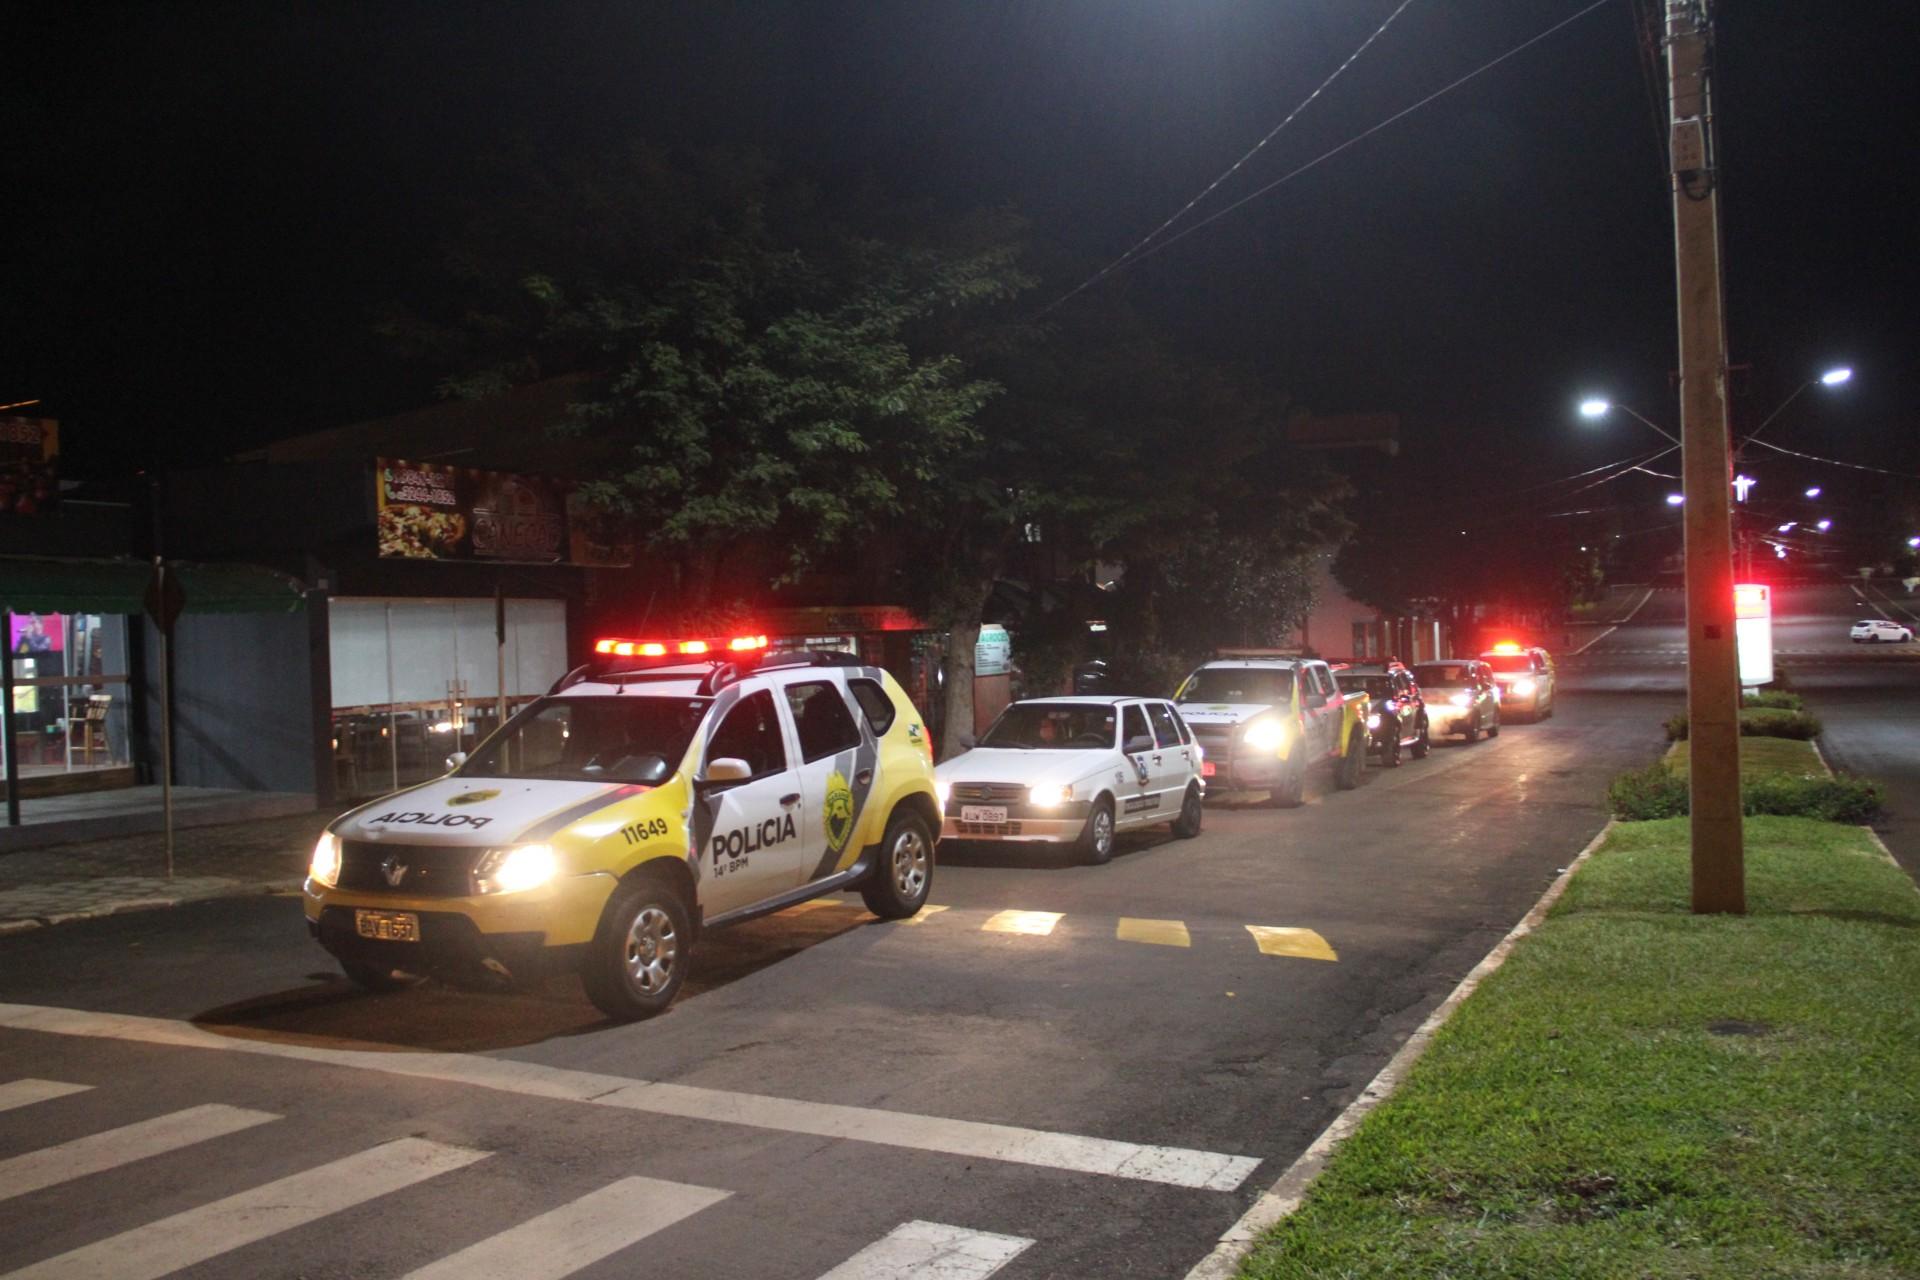 Operação de fiscalização envolve forças policiais e instituições em Missal